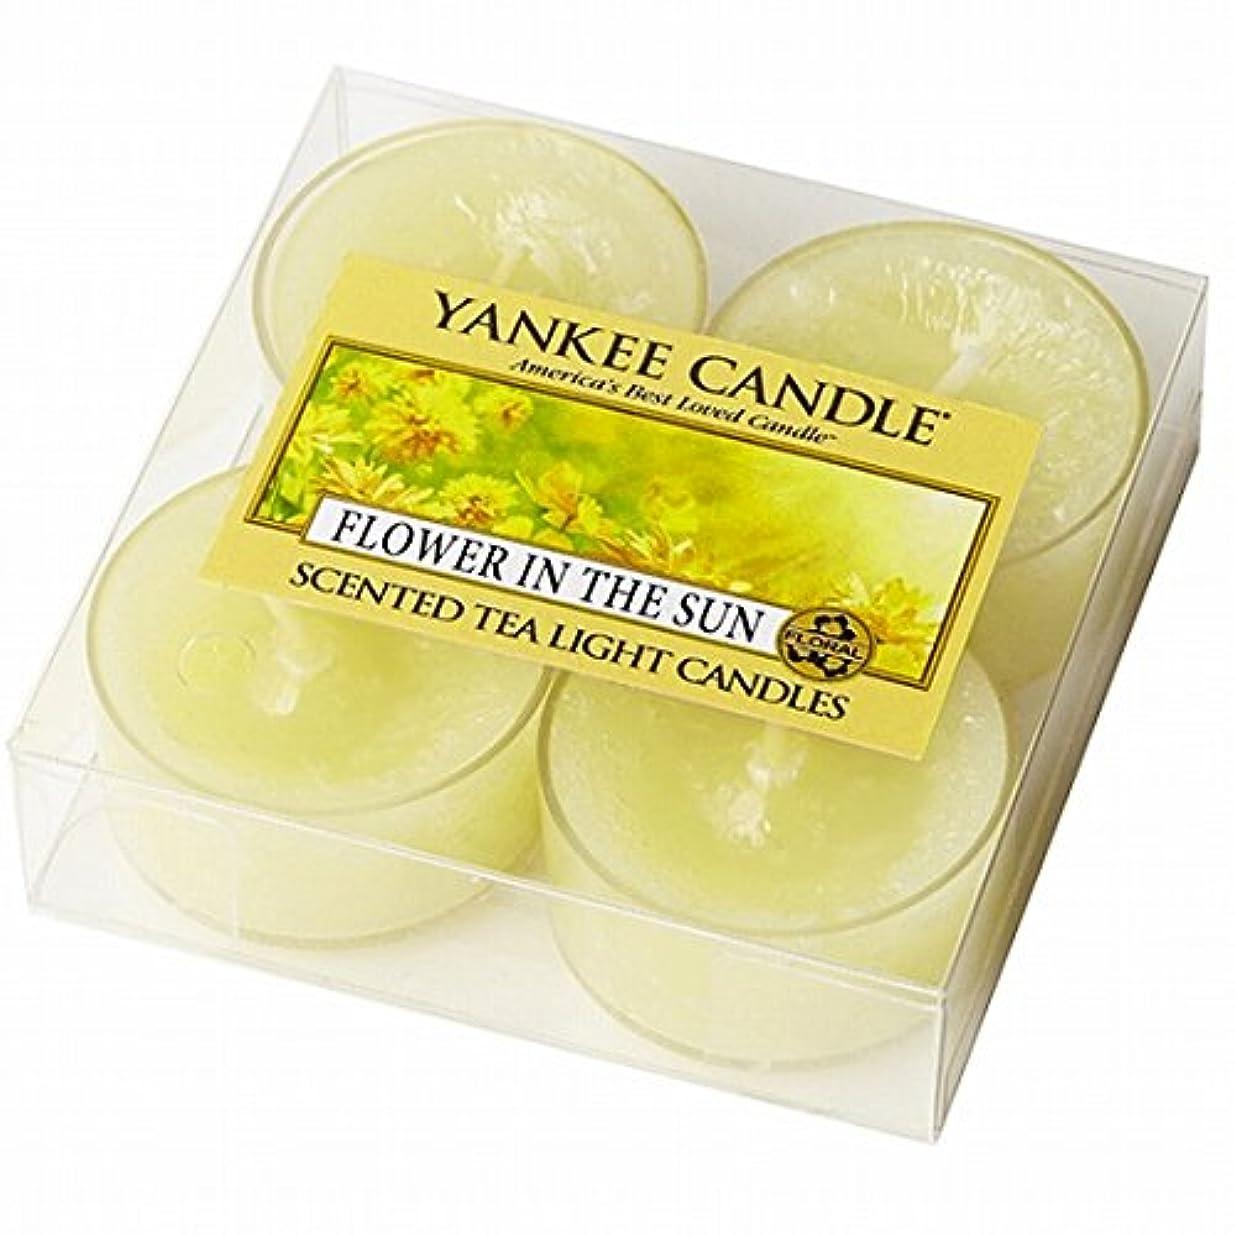 義務的なぞらえる昇るヤンキーキャンドル( YANKEE CANDLE ) YANKEE CANDLE クリアカップティーライト4個入り 「フラワーインザサン」